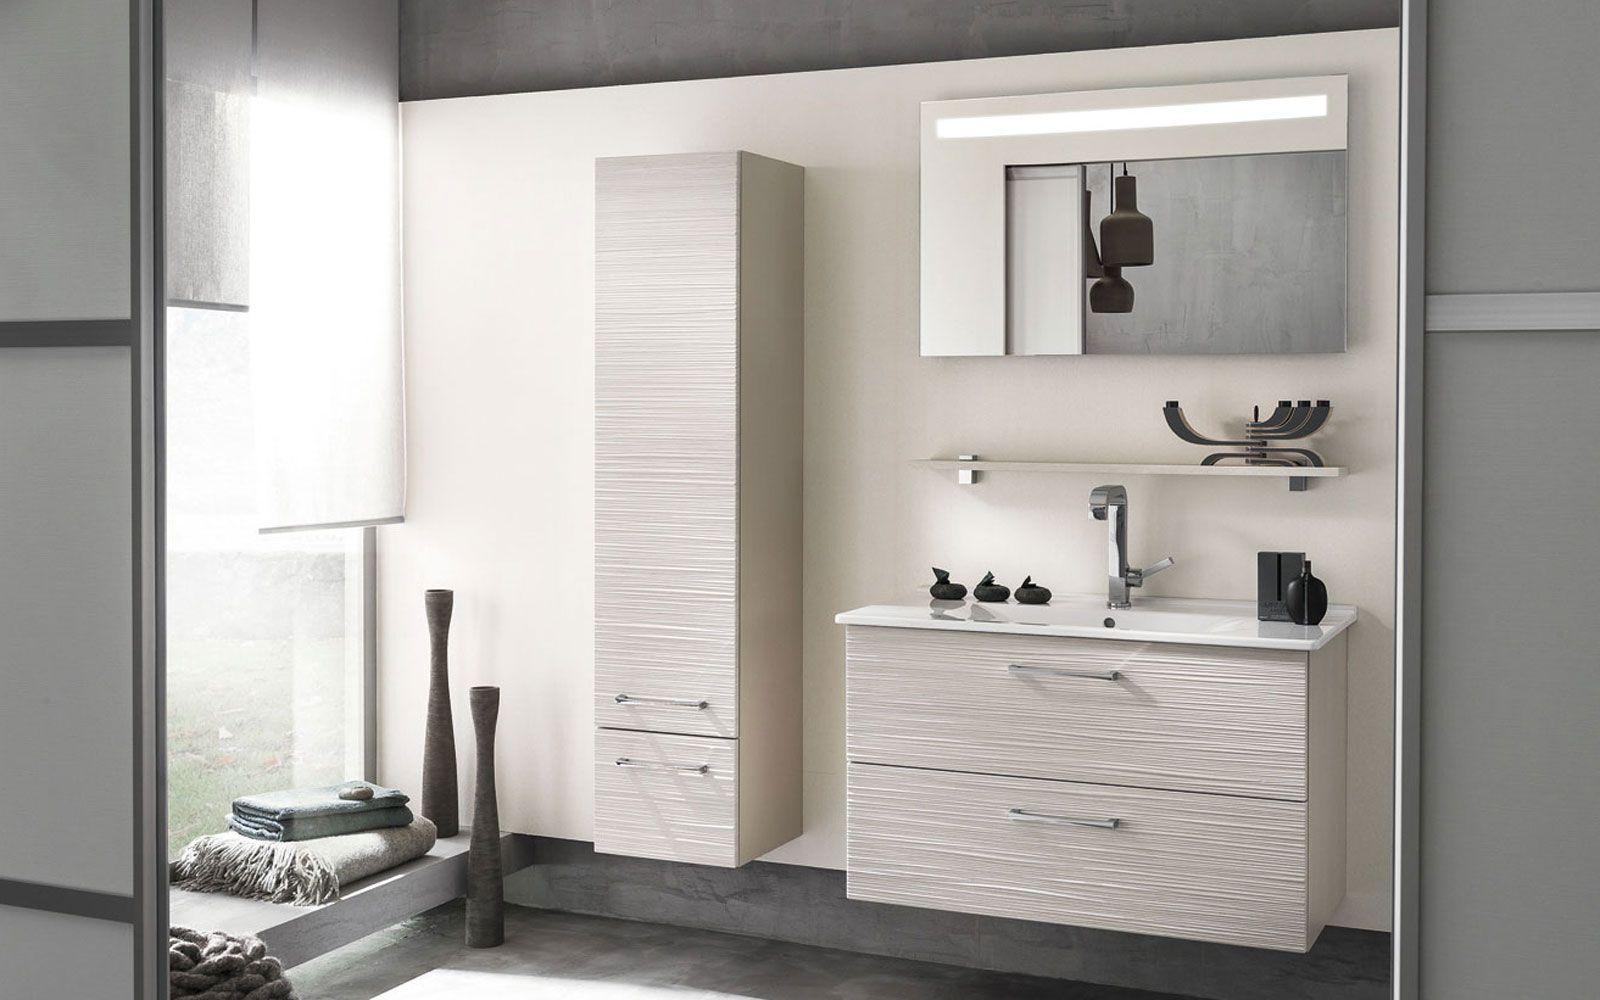 Meuble Haut Salle De Bain Avec Miroir miroir lumière intégrée, meuble sous-vasque 2 niveaux de